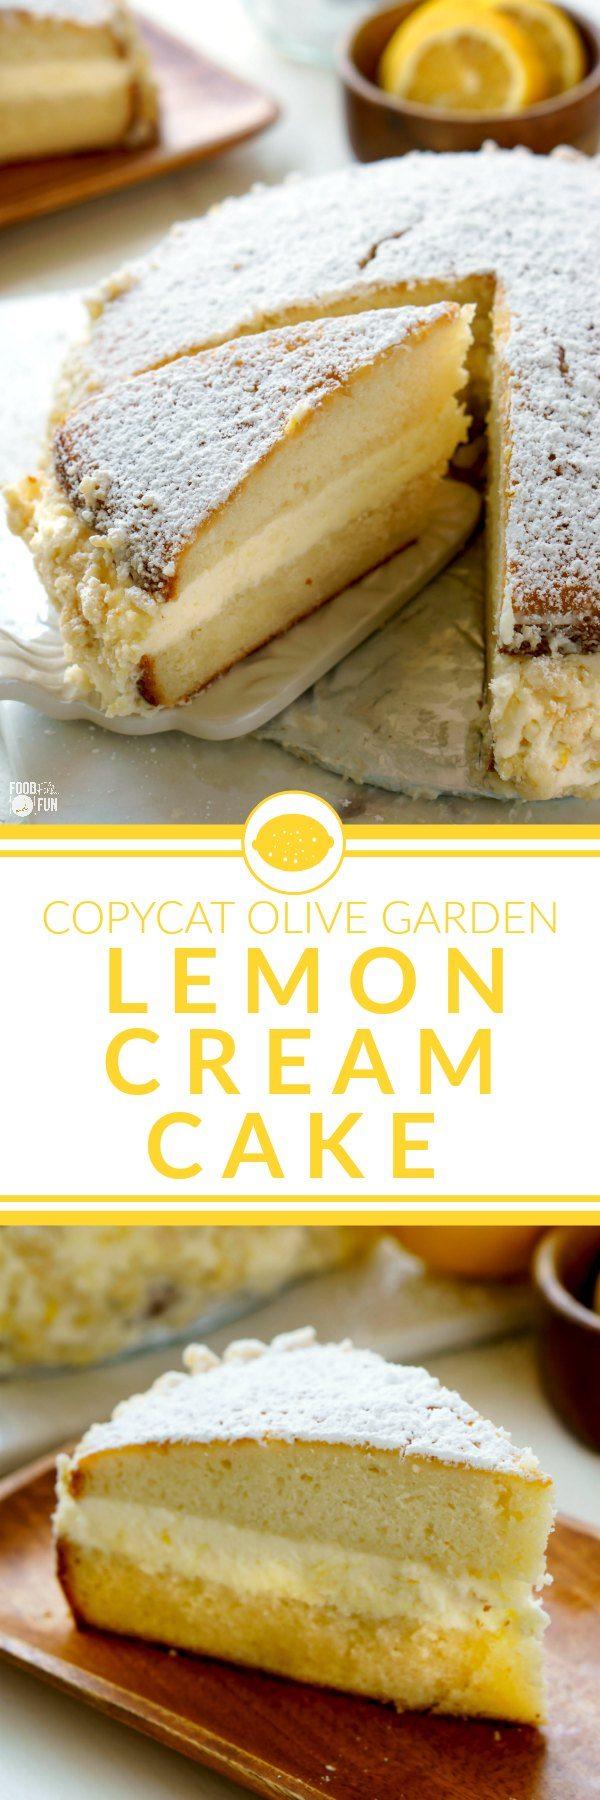 Olive Garden Birthday Cake Copycat Olive Garden Lemon Cream Cake Food Folks And Fun